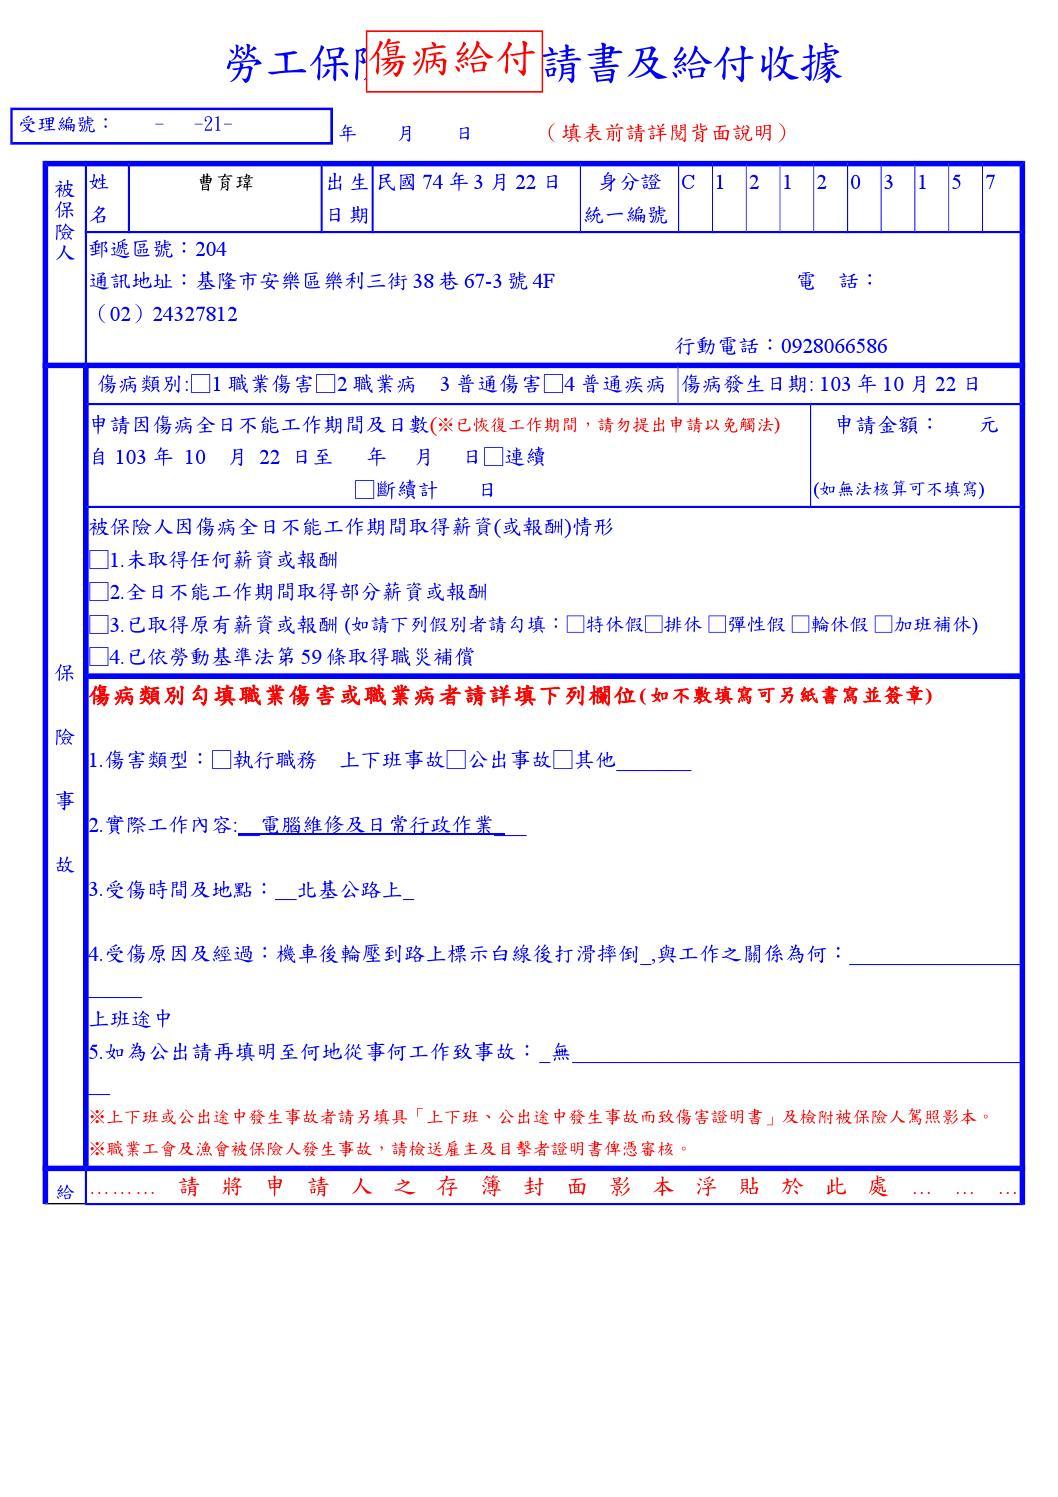 2 1傷病給付申請及給付收據 (a4) by 曹育瑋 - Issuu